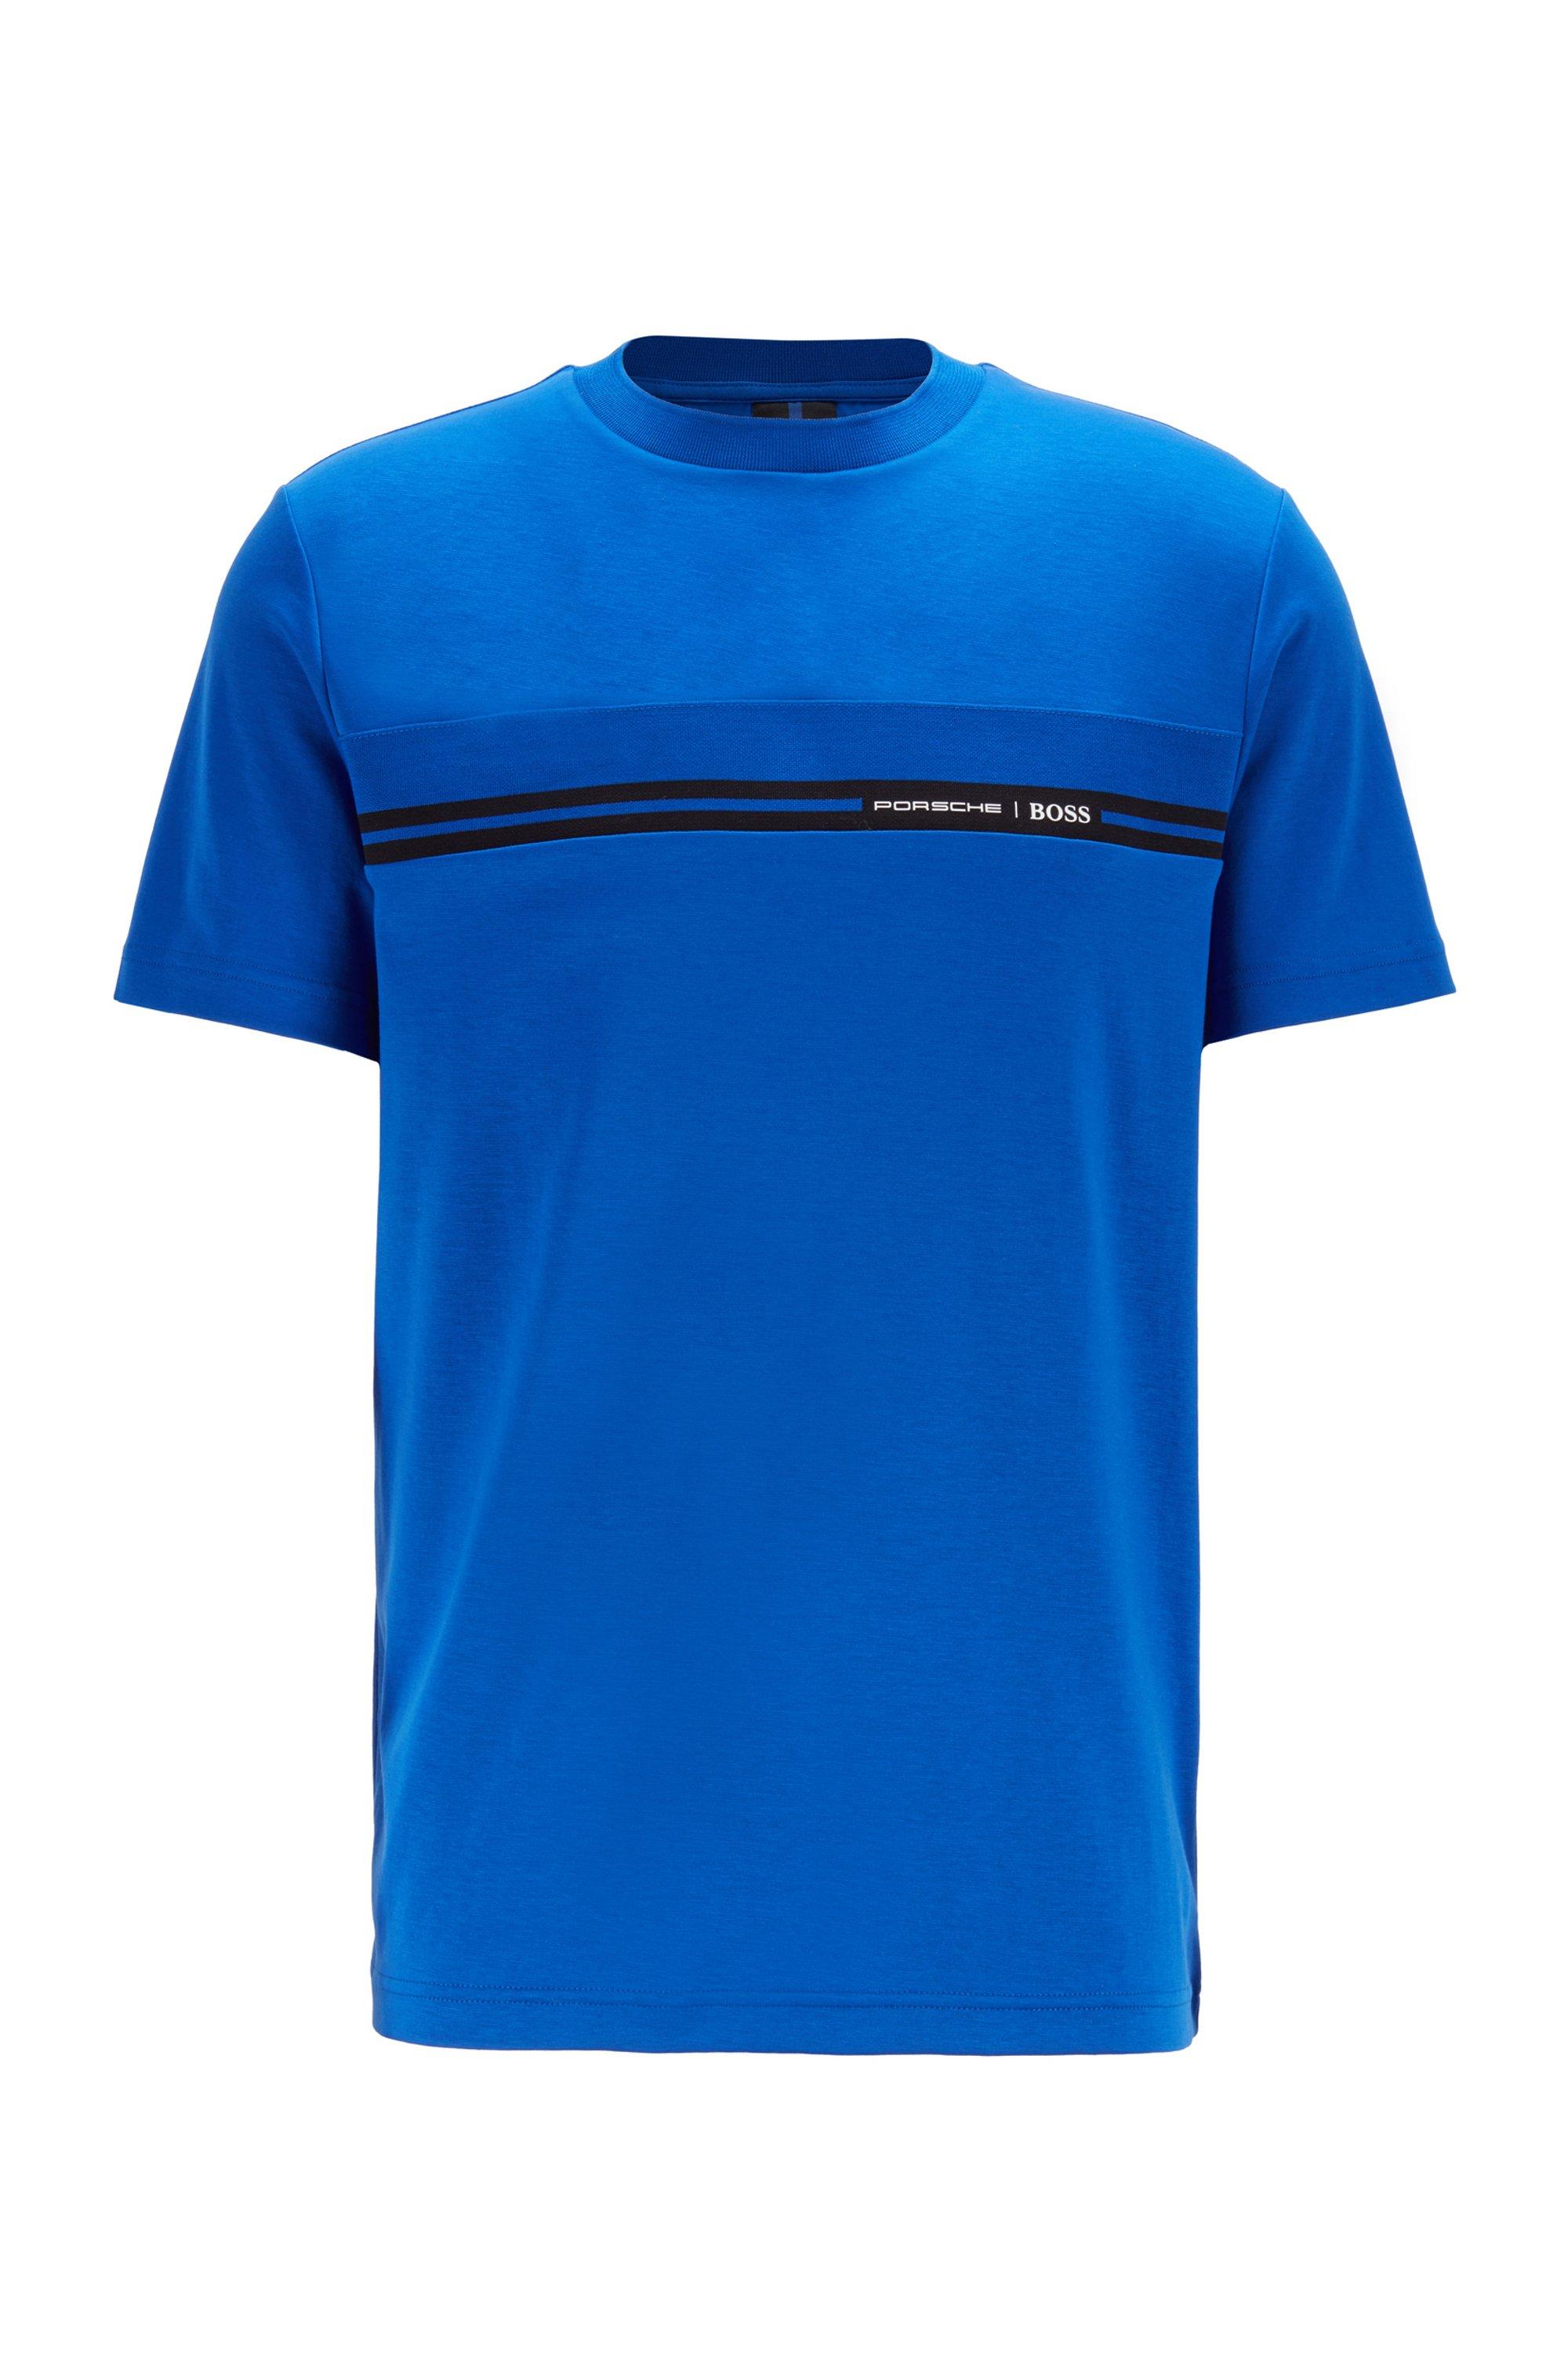 T-Shirt aus Baumwolle mit Rundhalsausschnitt und Print der Kollektion, Blau